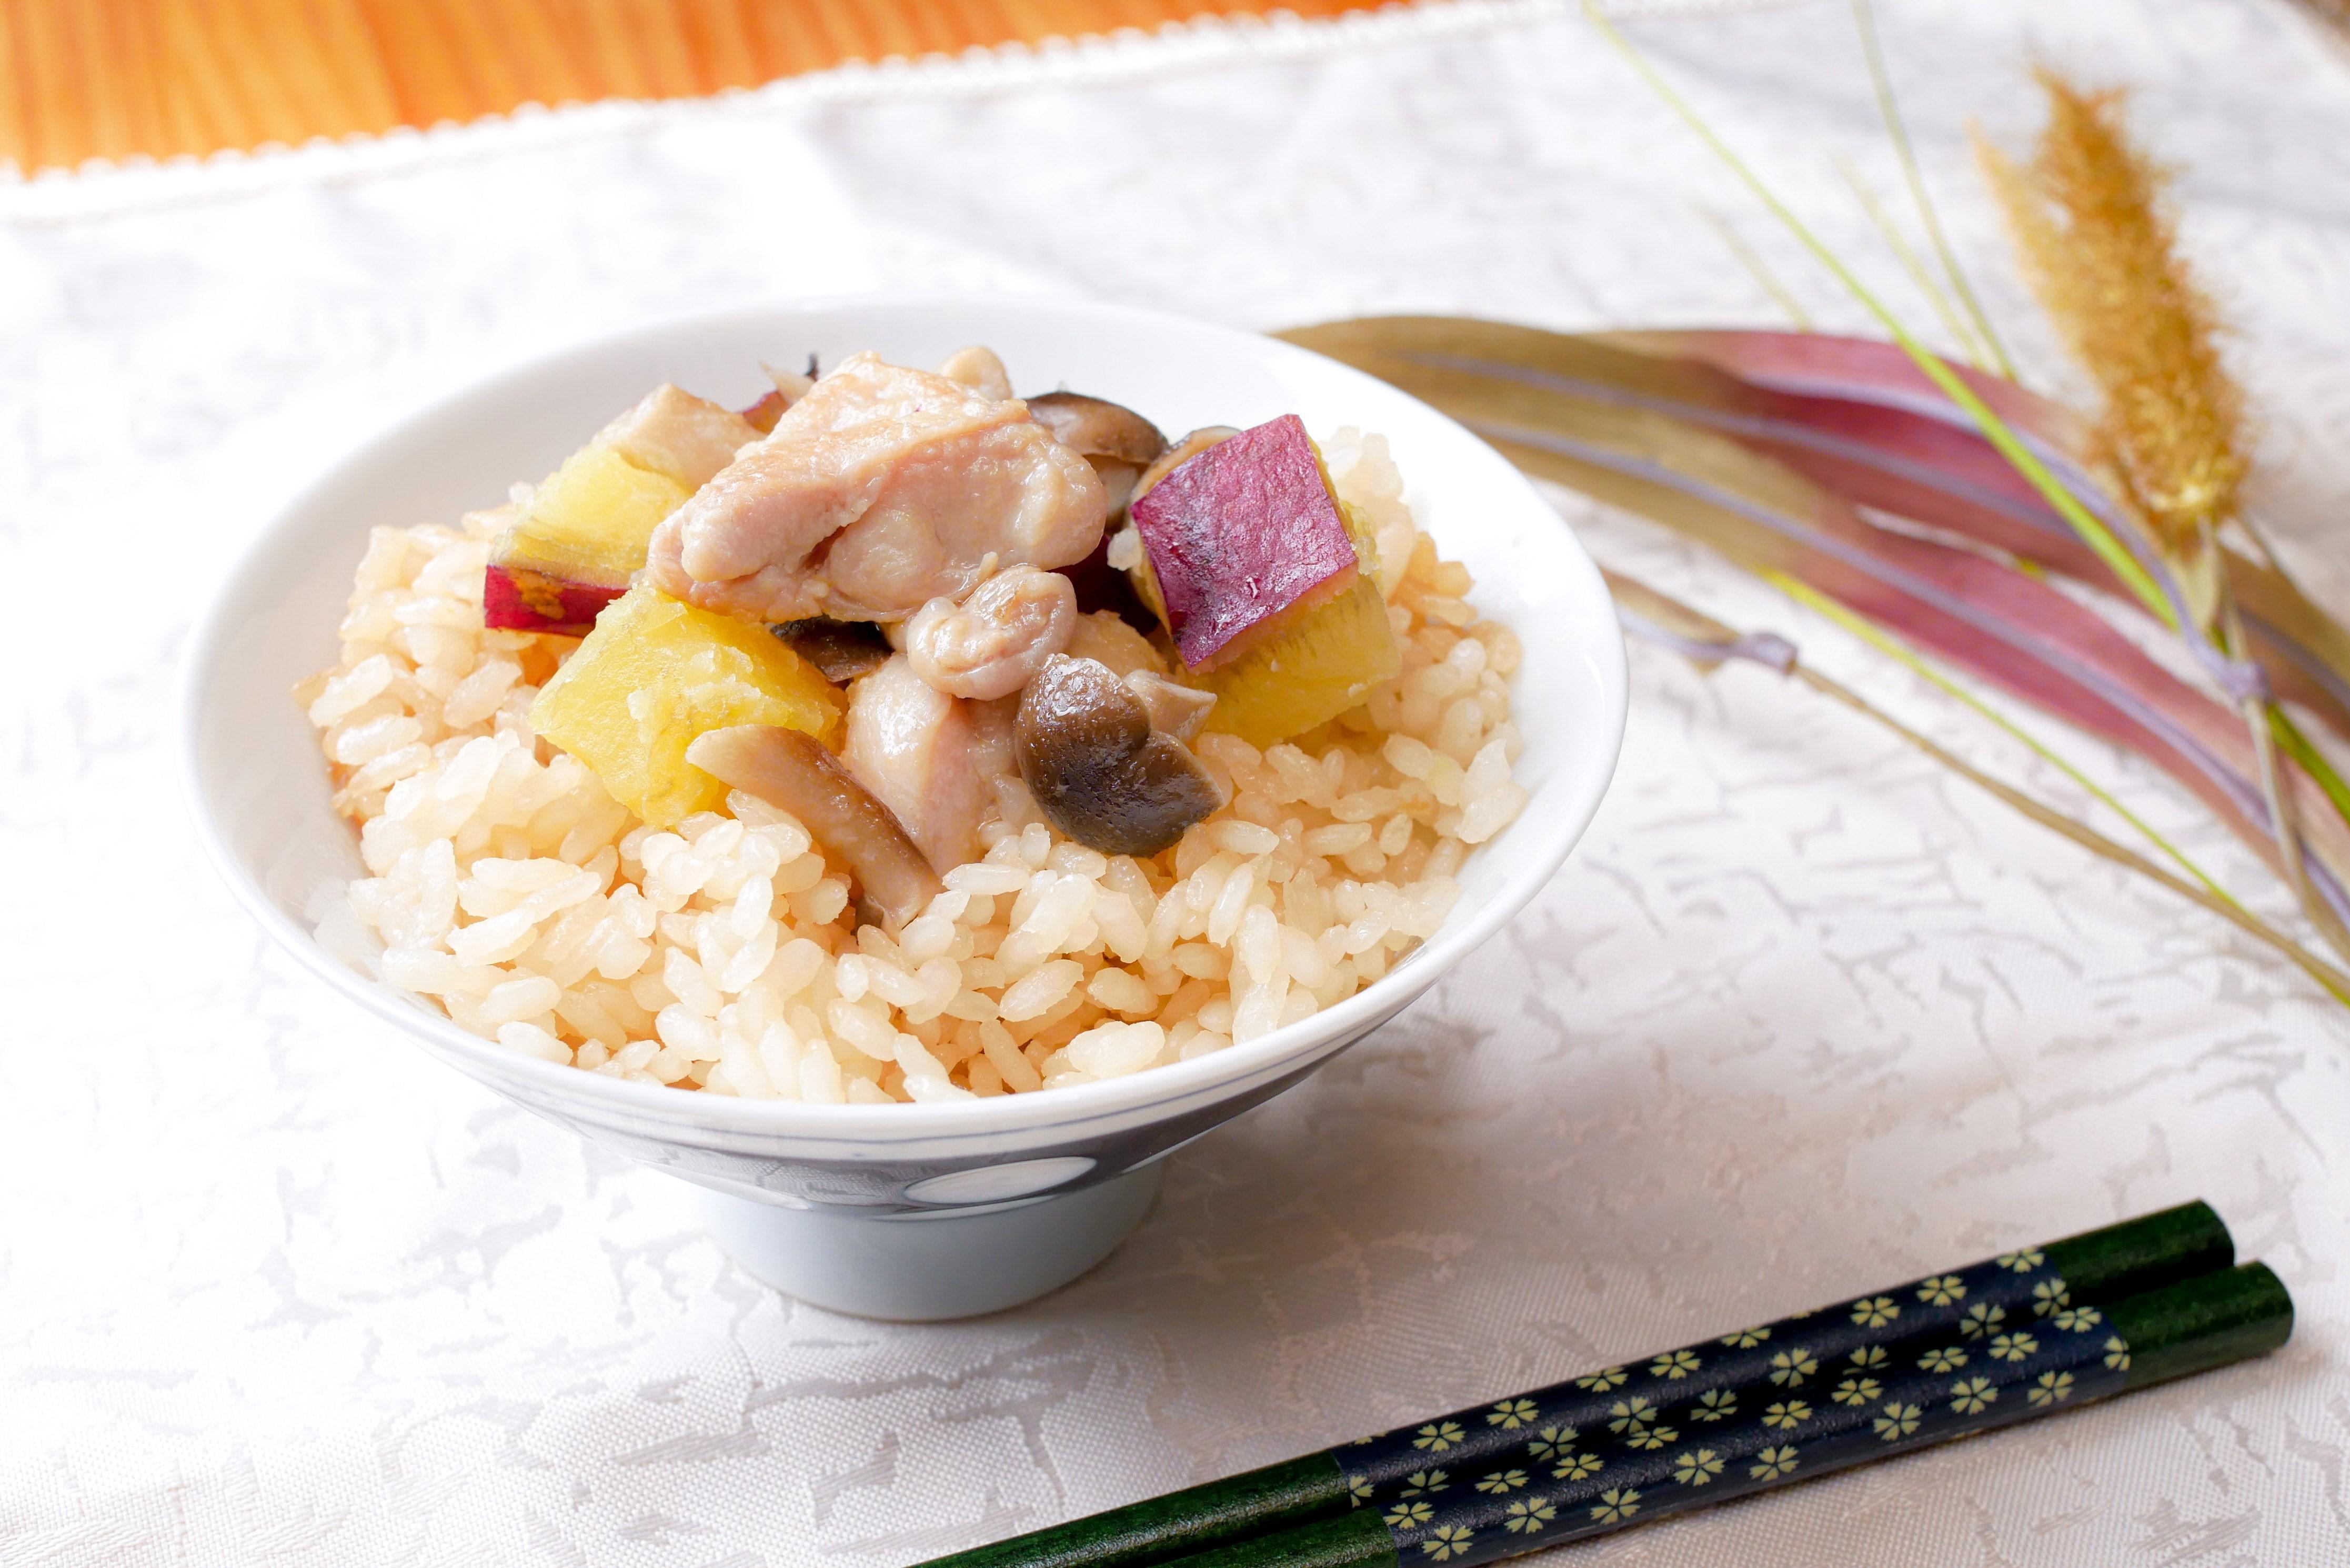 連載【子どもがよろこぶ♪HAPPYきのこレシピ⑦】美味しさの秘密はシメジのうま味!秋の炊き込みごはん